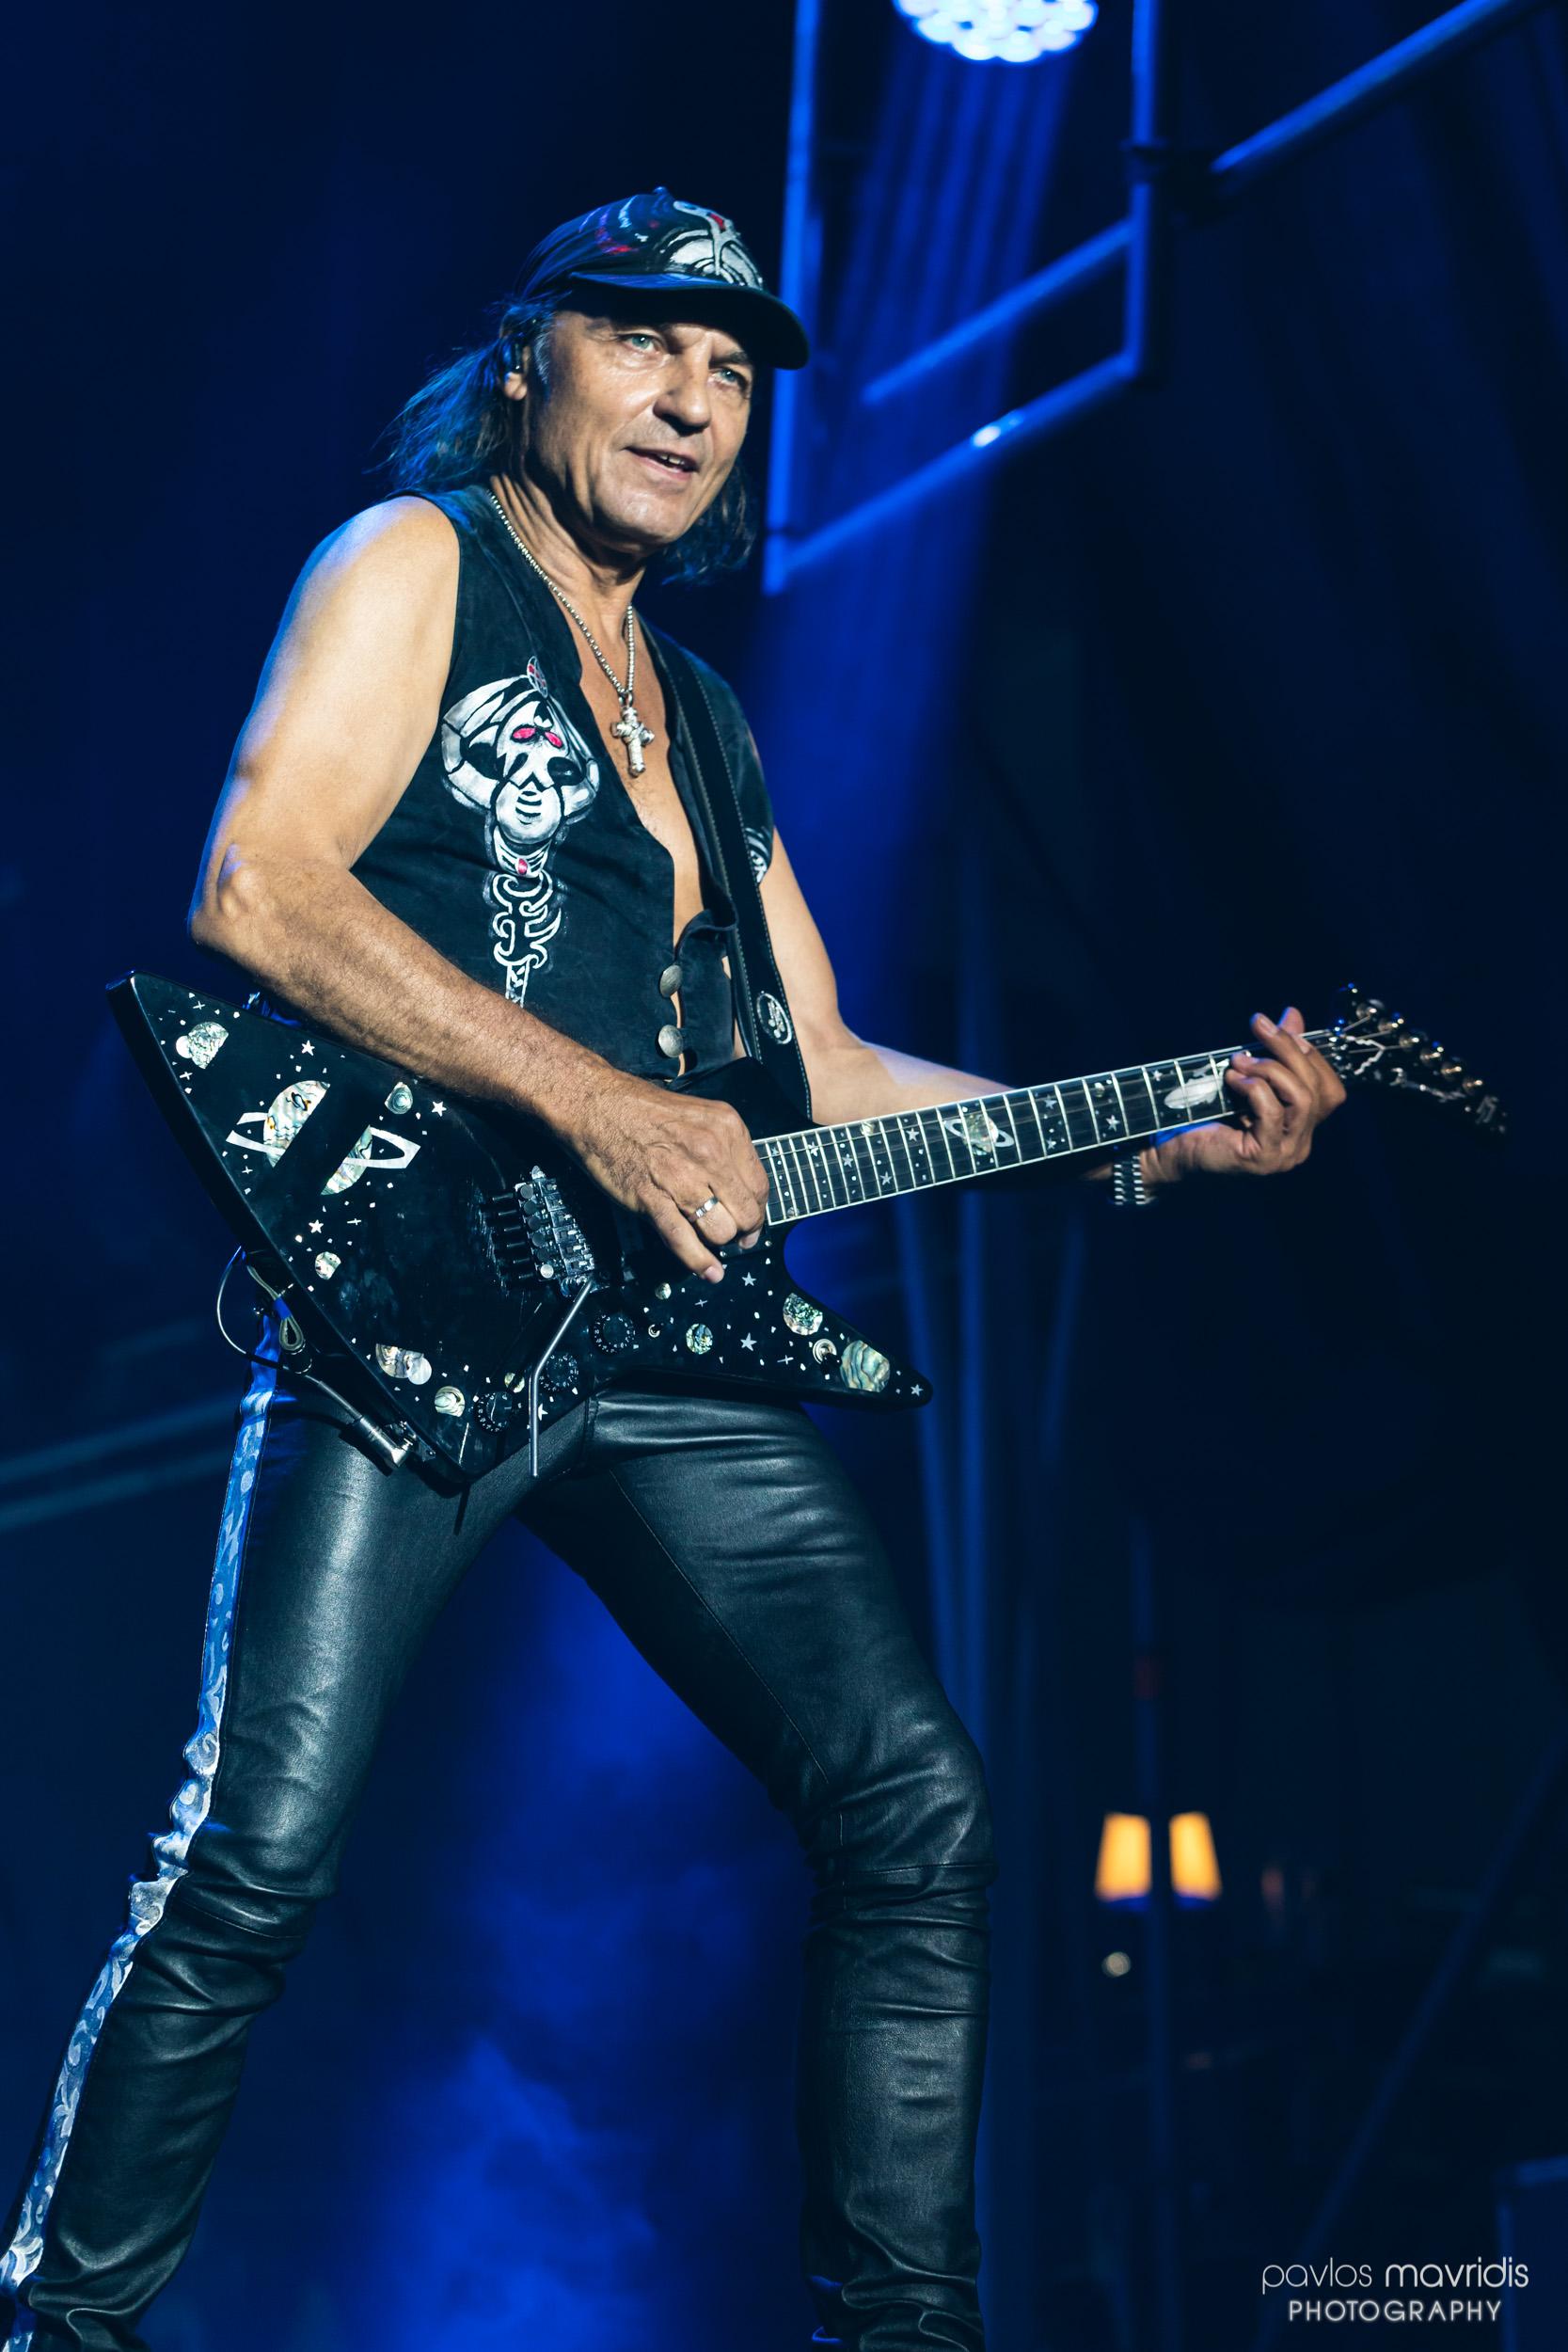 Scorpions_Panathenaic Stadium_13_hires.jpg